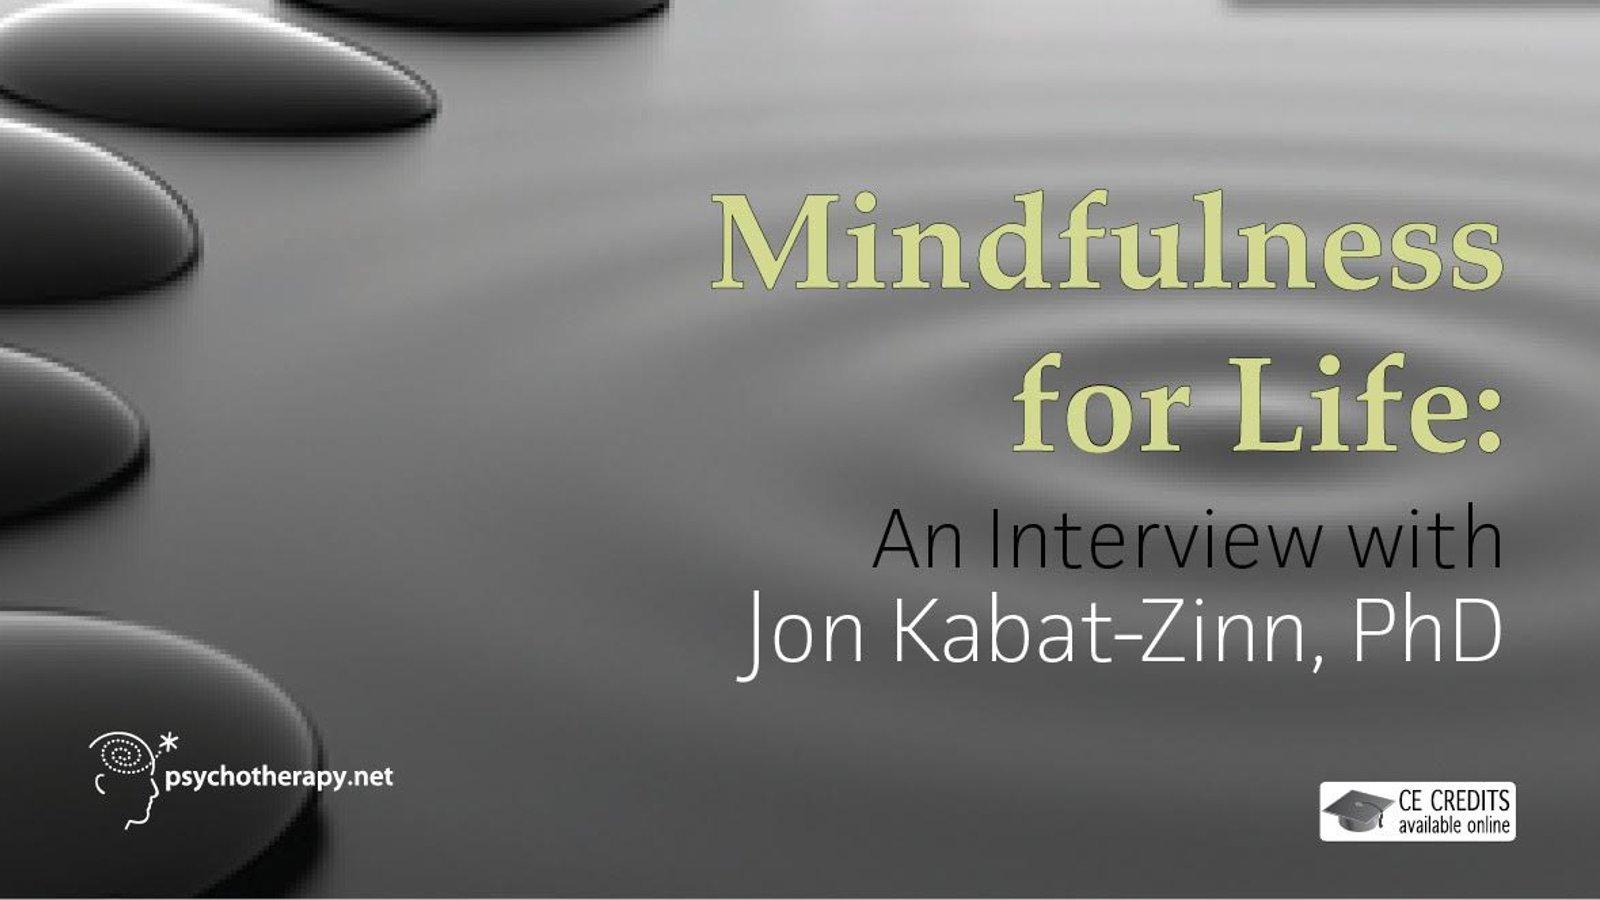 Mindfulness for Life - An Interview with Jon Kabat-Zinn